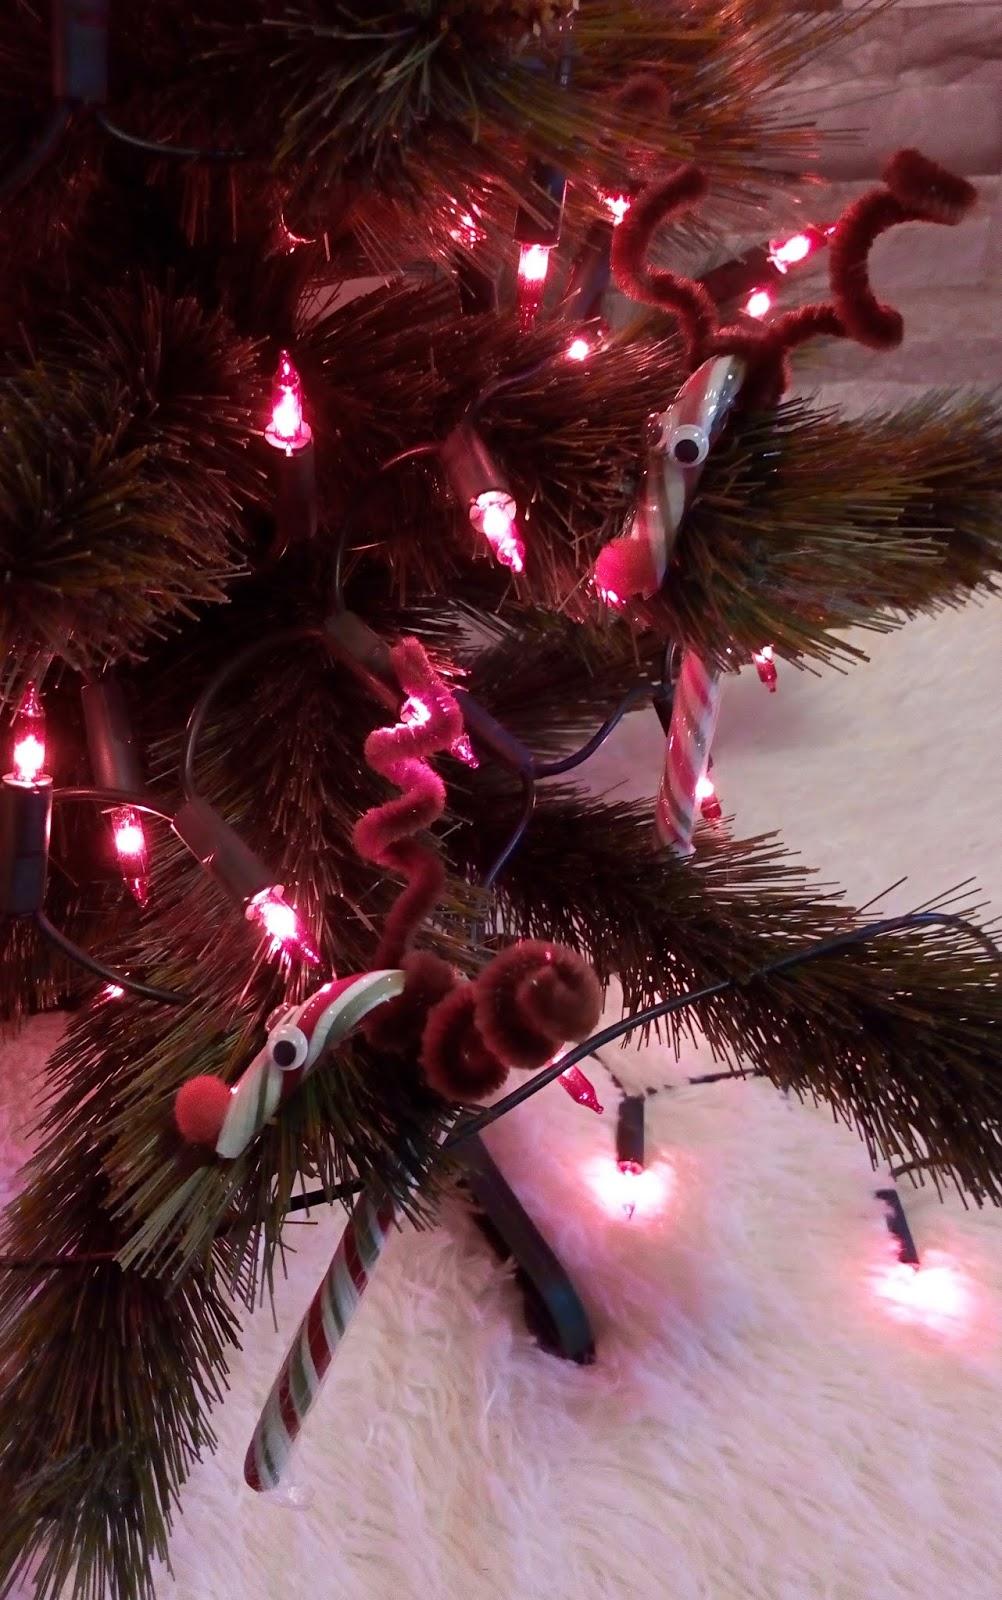 Moje 3 propozycje na świąteczne dekoracje choinkowe DIY.